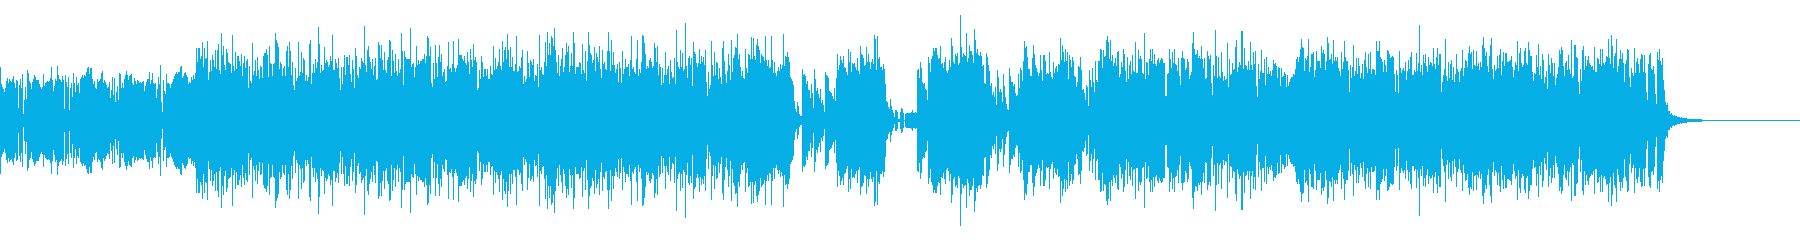 激しいスラップベースとドラムのBGMの再生済みの波形